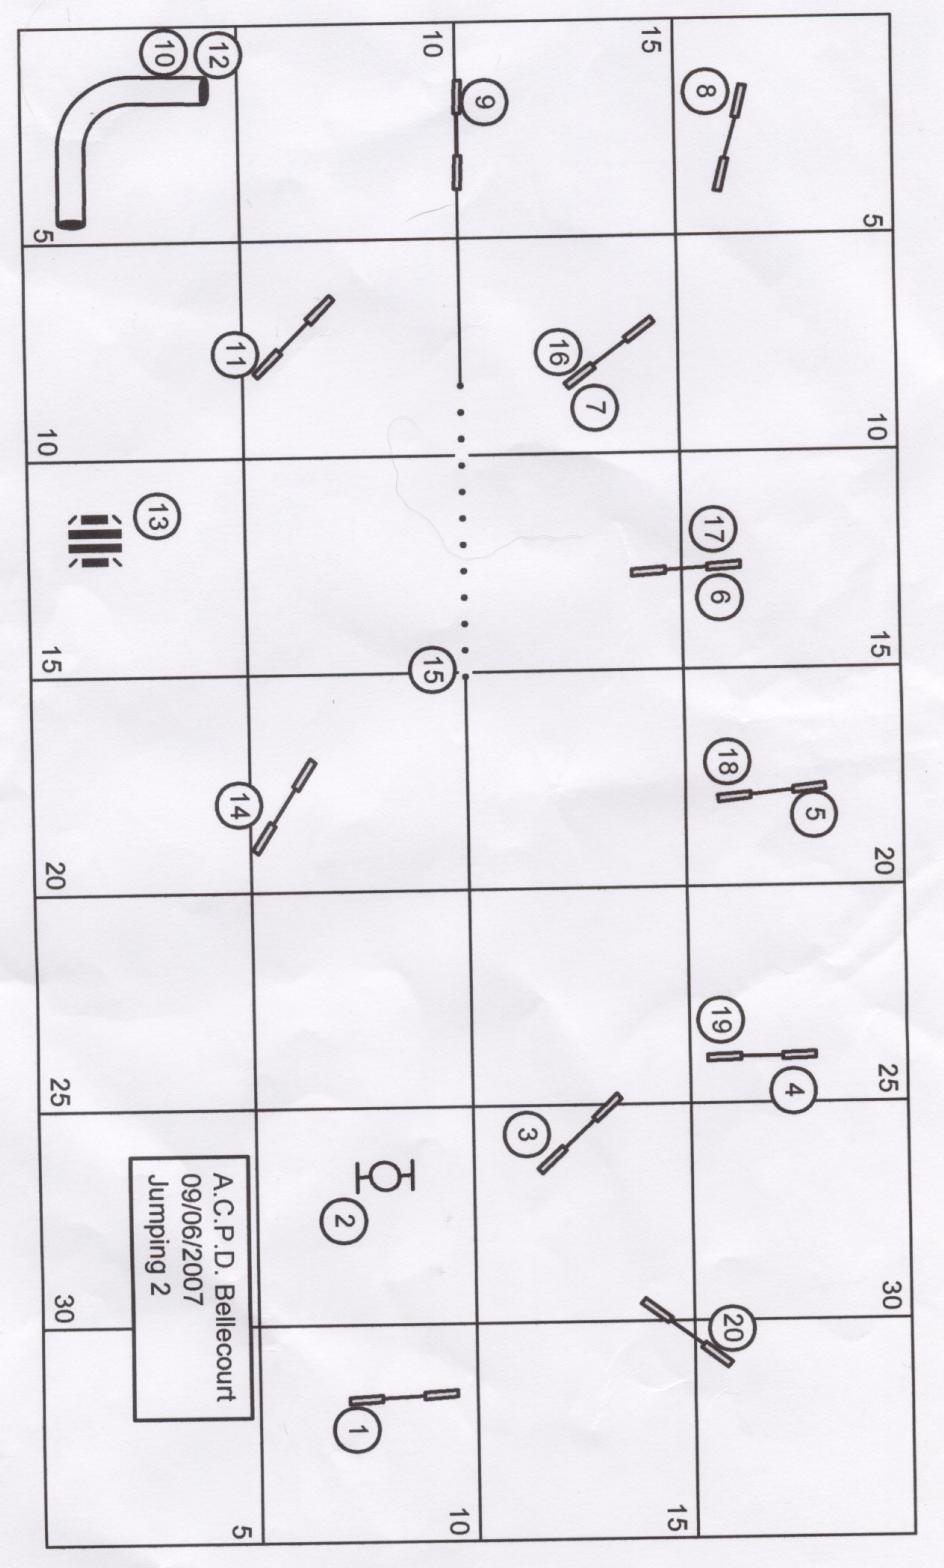 liekens-070609-hopp-2.jpg